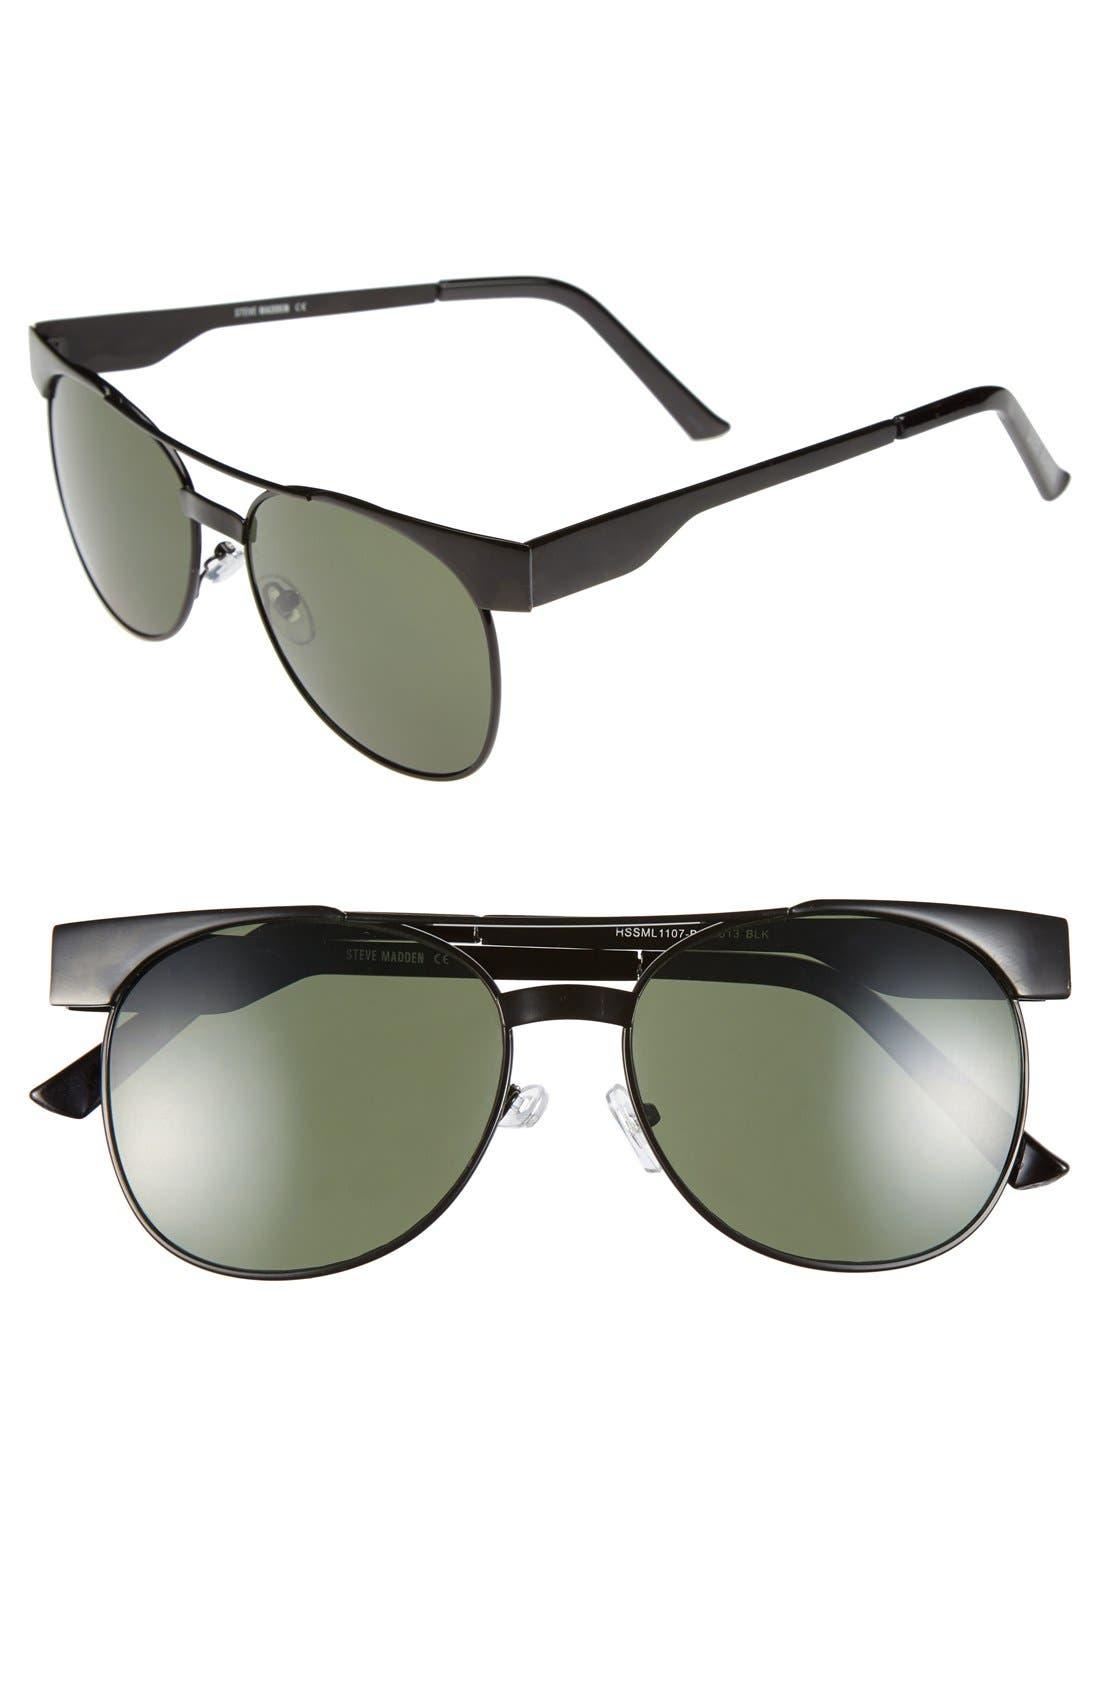 Alternate Image 1 Selected - Steve Madden 54mm Aviator Sunglasses